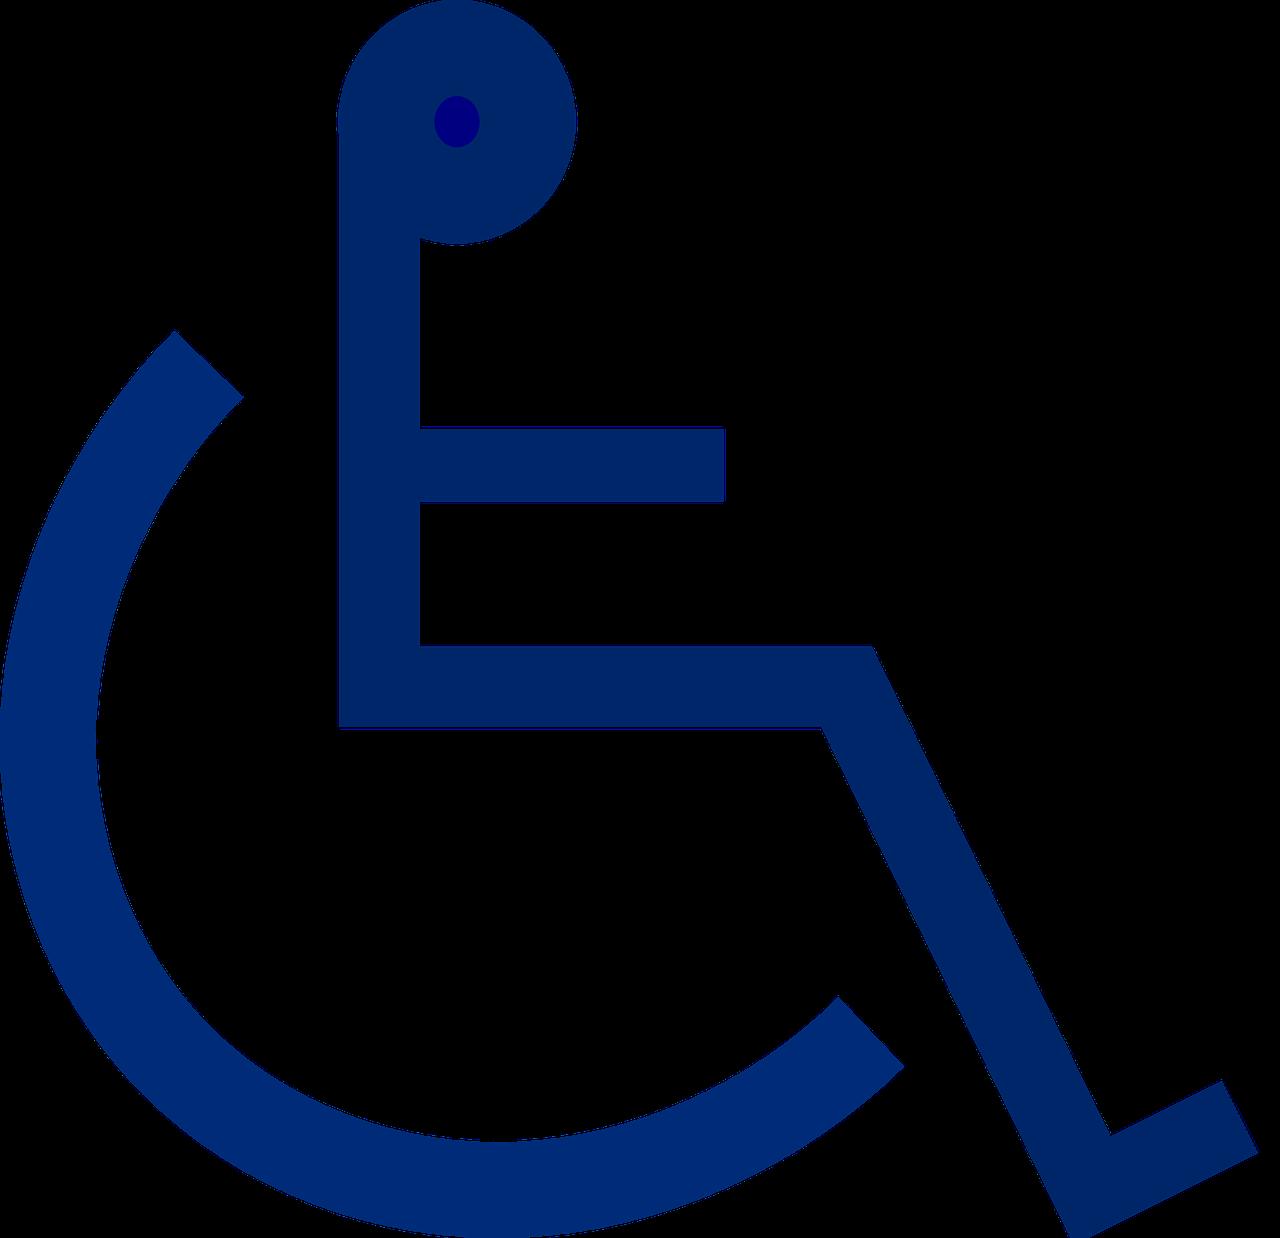 Wilg Stichting De beoordelingen instelling gehandicaptenzorg verstandelijk gehandicapten